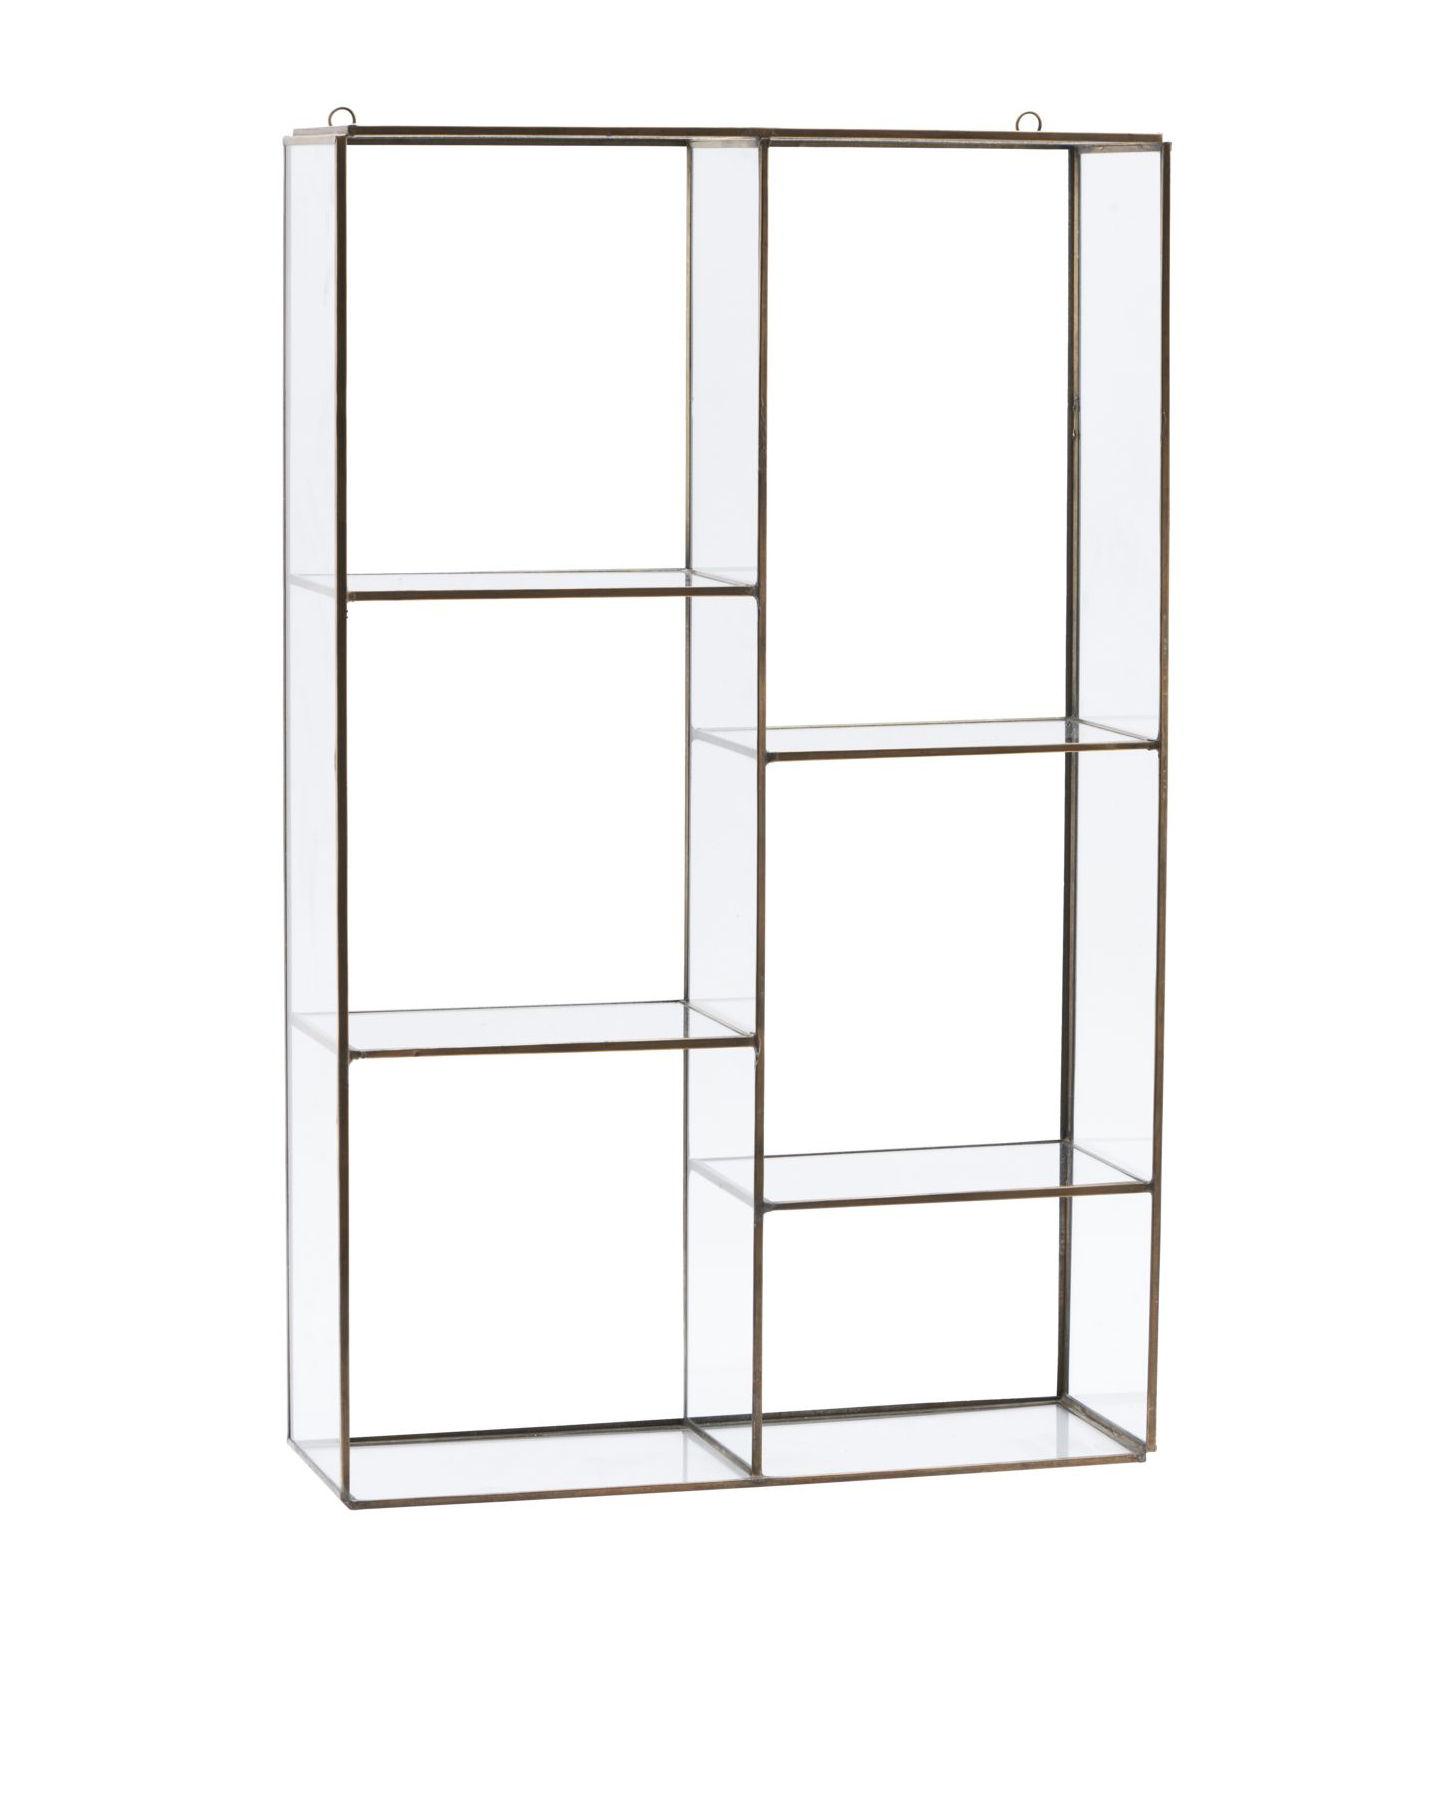 Mobilier - Etagères & bibliothèques - Etagère Keeper Large / H 52 x L 33 cm - House Doctor - Large / Laiton - Métal, Verre